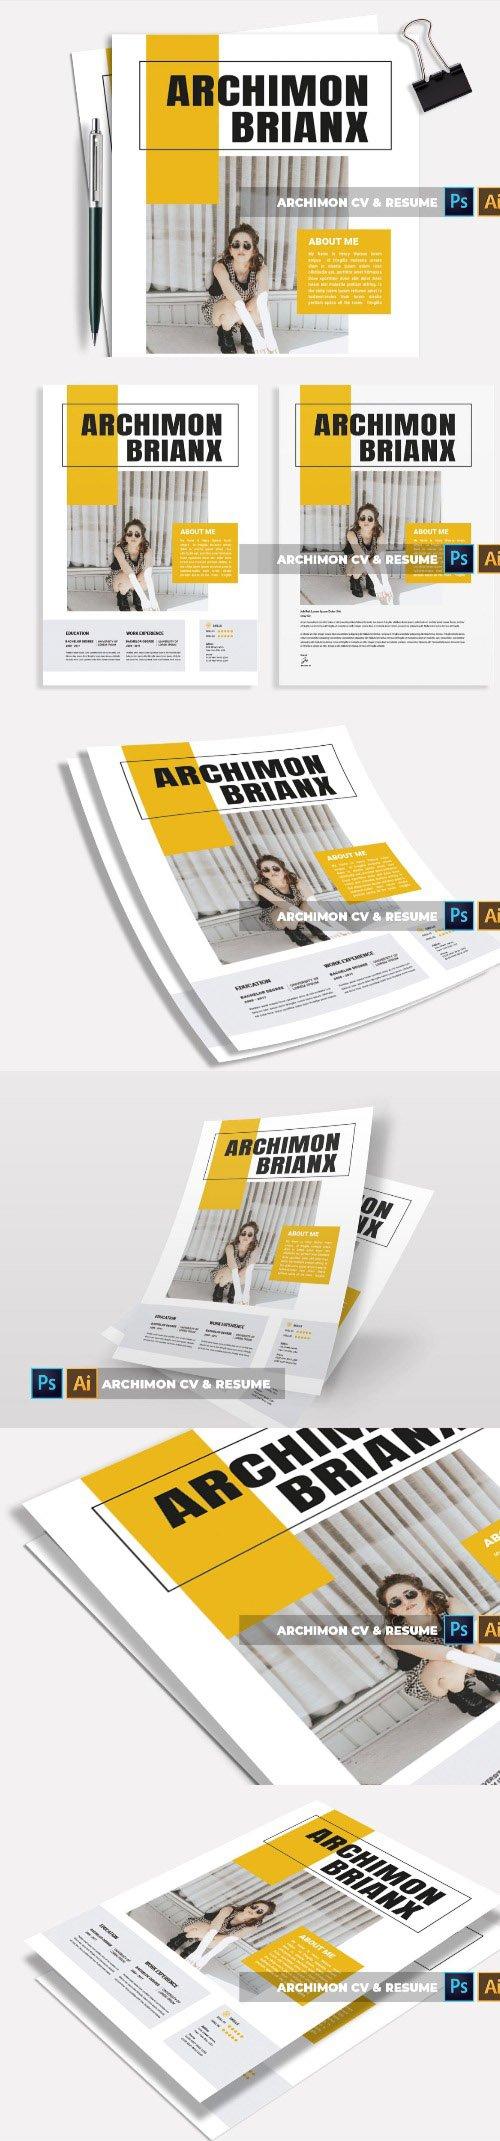 Archimon   CV & Resume